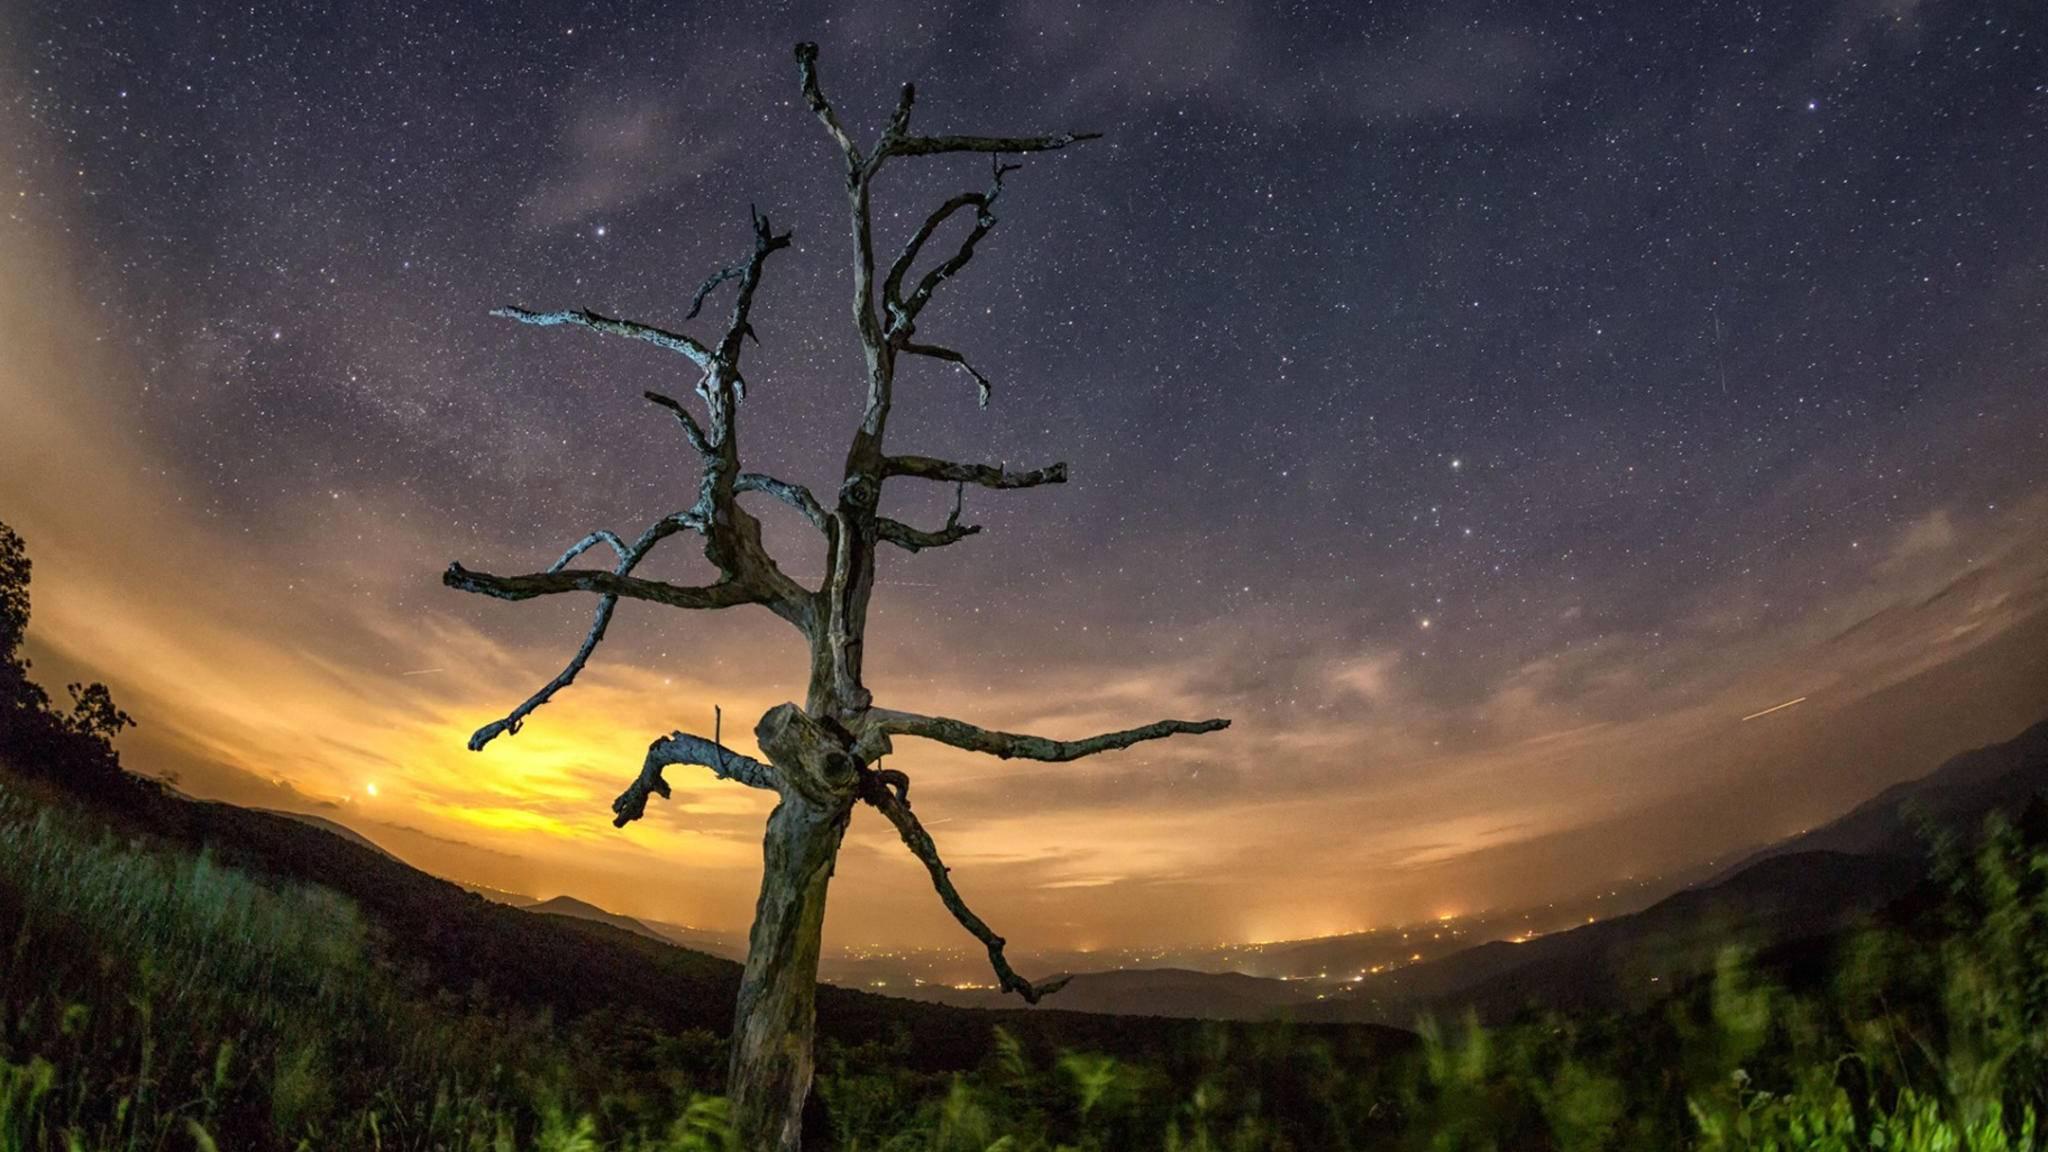 Beleuchtung verbirgt die Zauber des Nachthimmels.